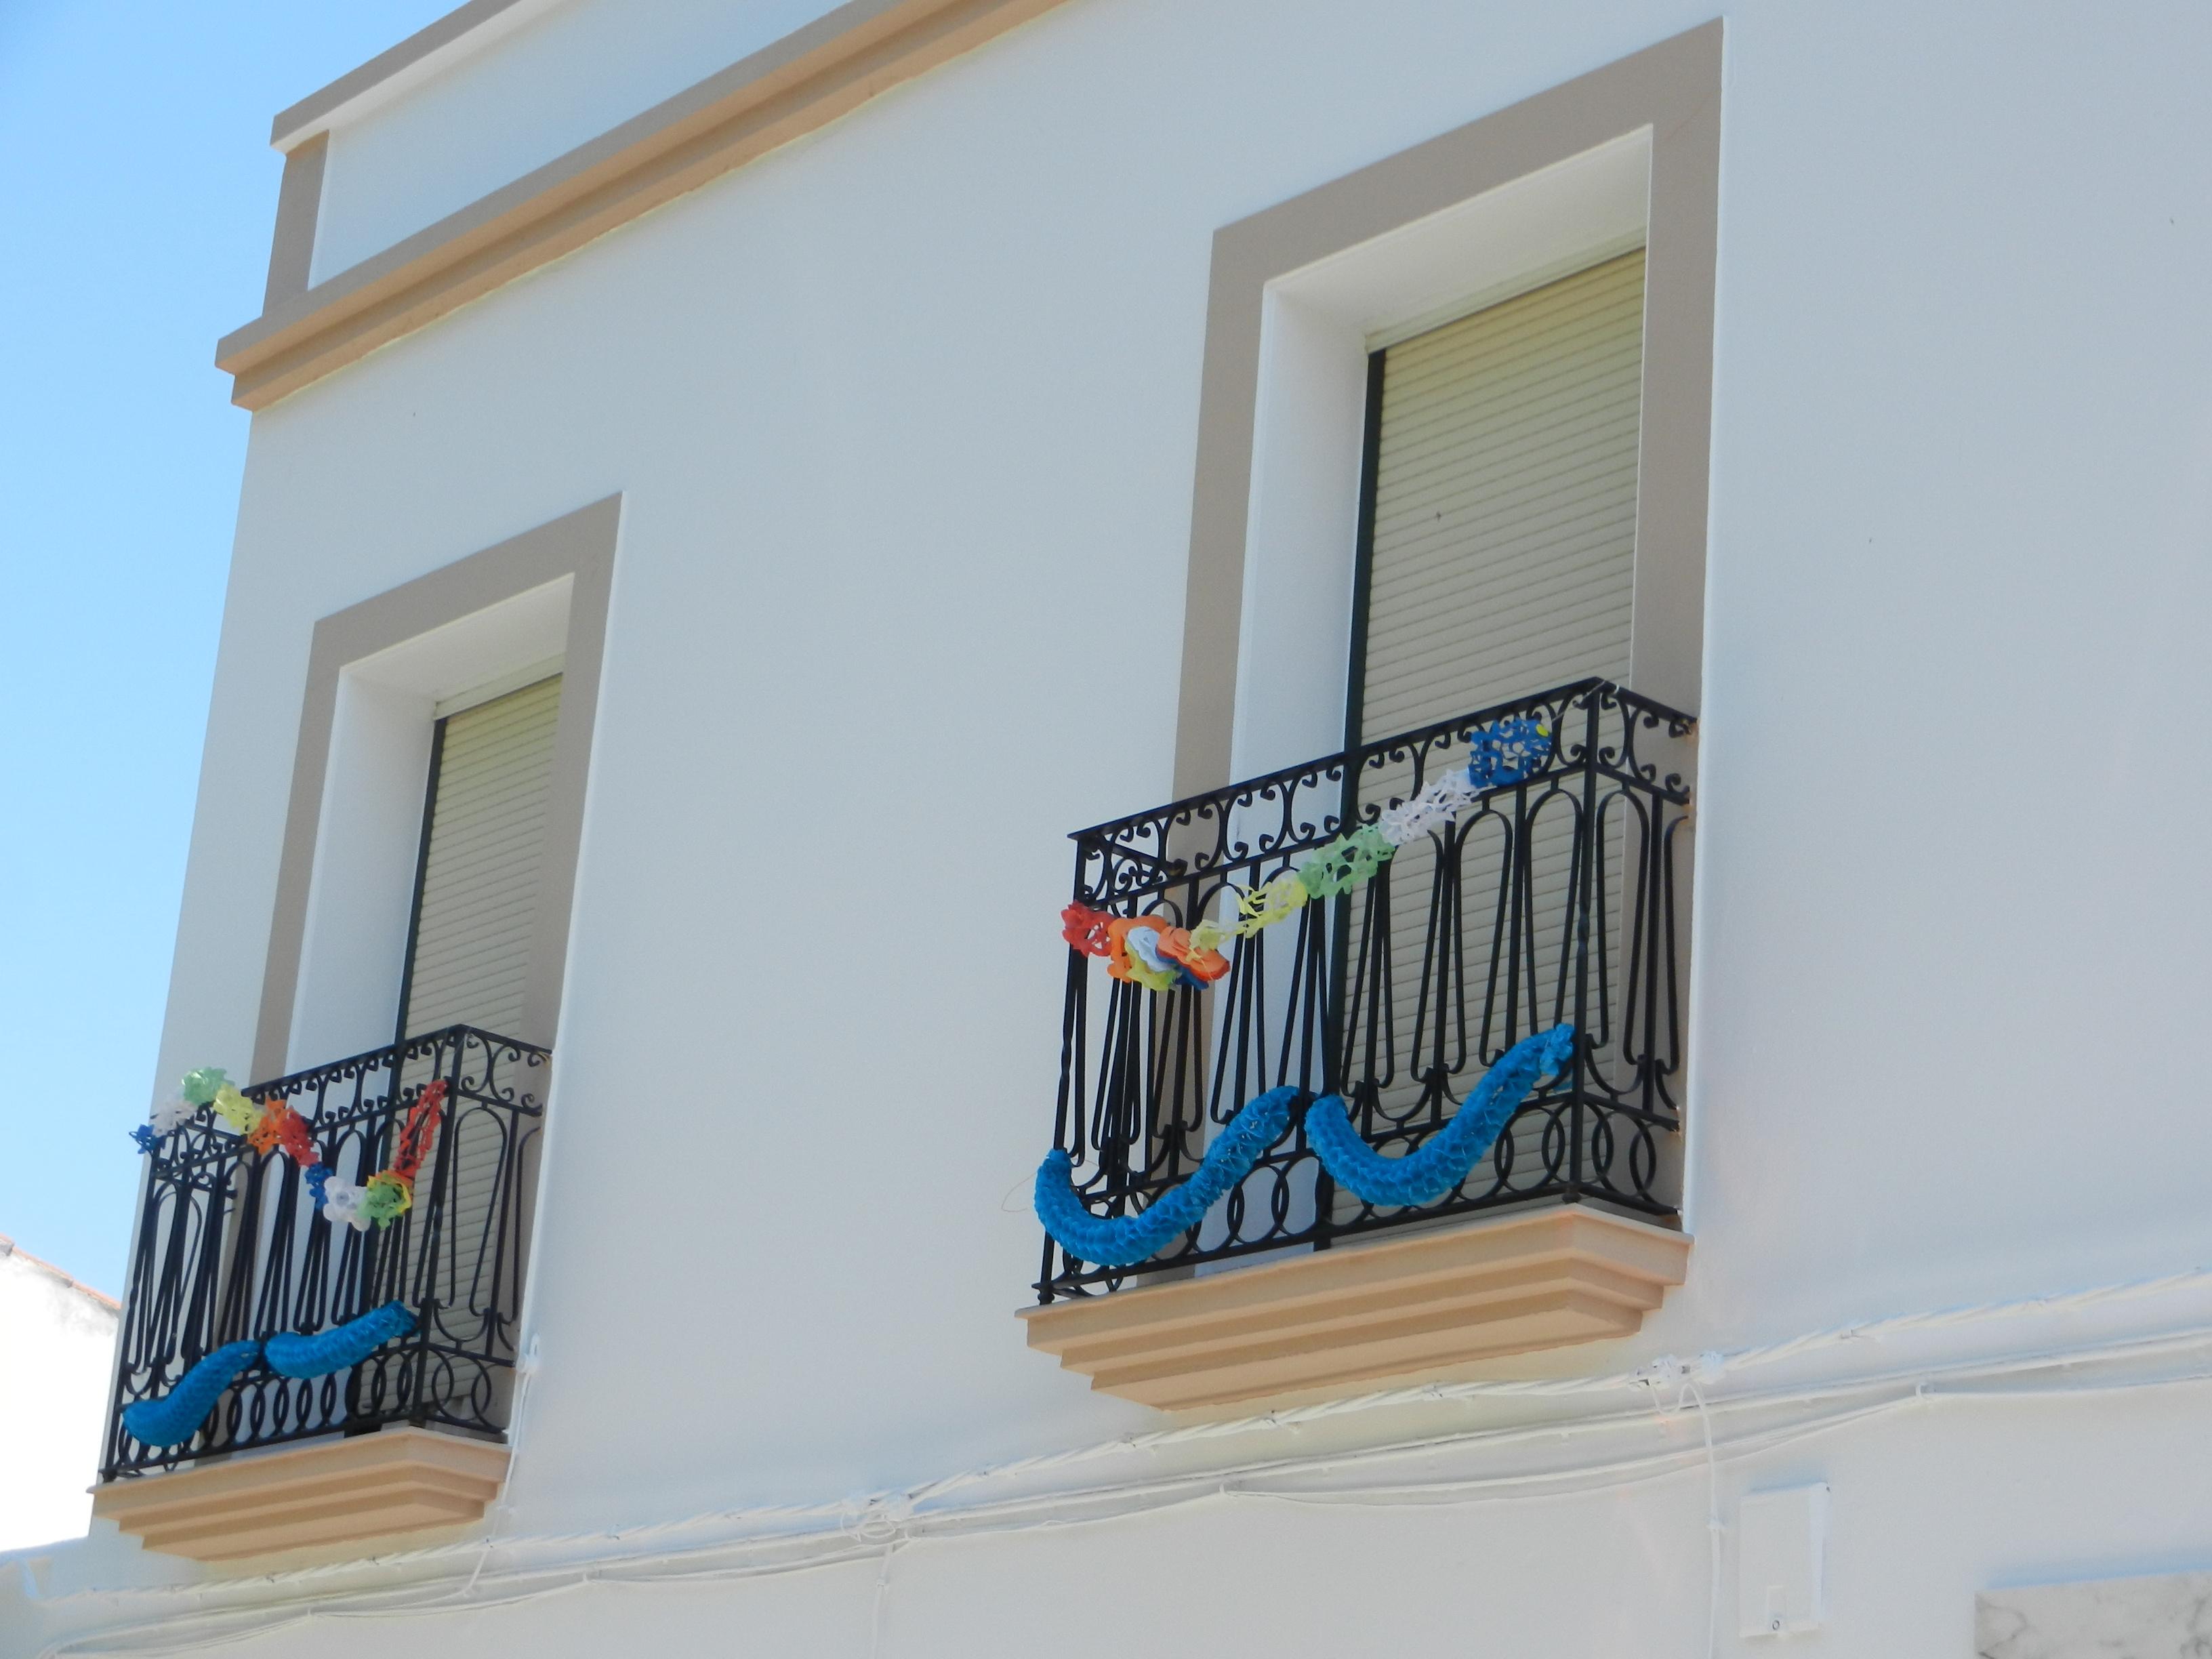 Decoración de balcones para la feria del Sagrado Corazón